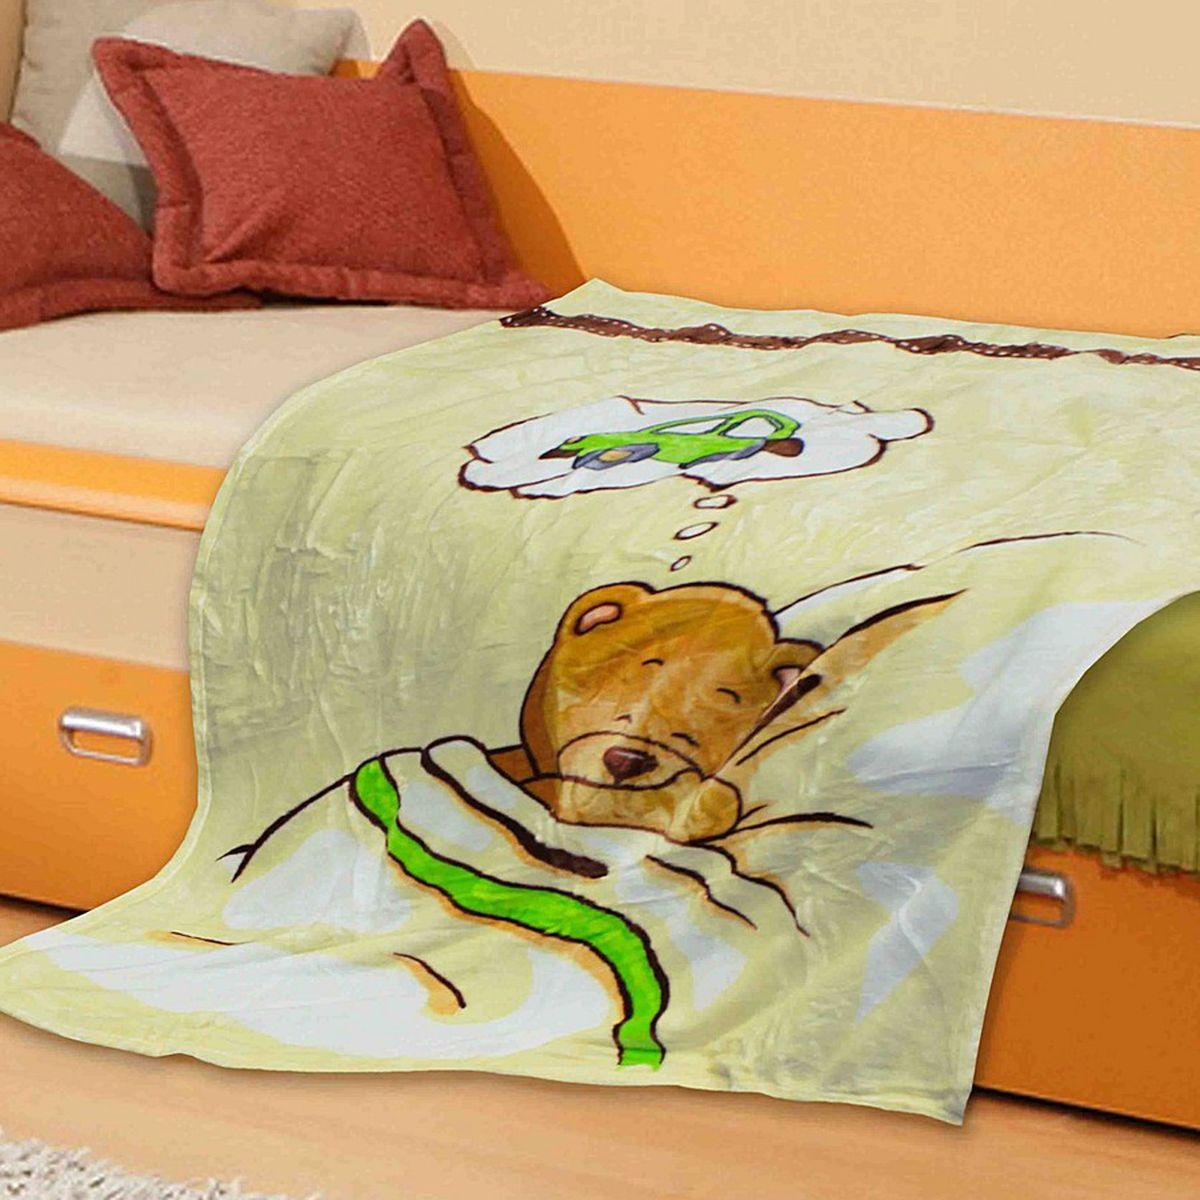 TexRepublic Плед детский Absolute Мишка в кроватке 110 х 140 см 7849578495Микрофайбер - современный, комфортный материал, обладающий обширным списком достоинств. Он практически не мнется, не требует особого ухода, не линяет, не выцветает. Теплый и мягкий. Идеален для детей.